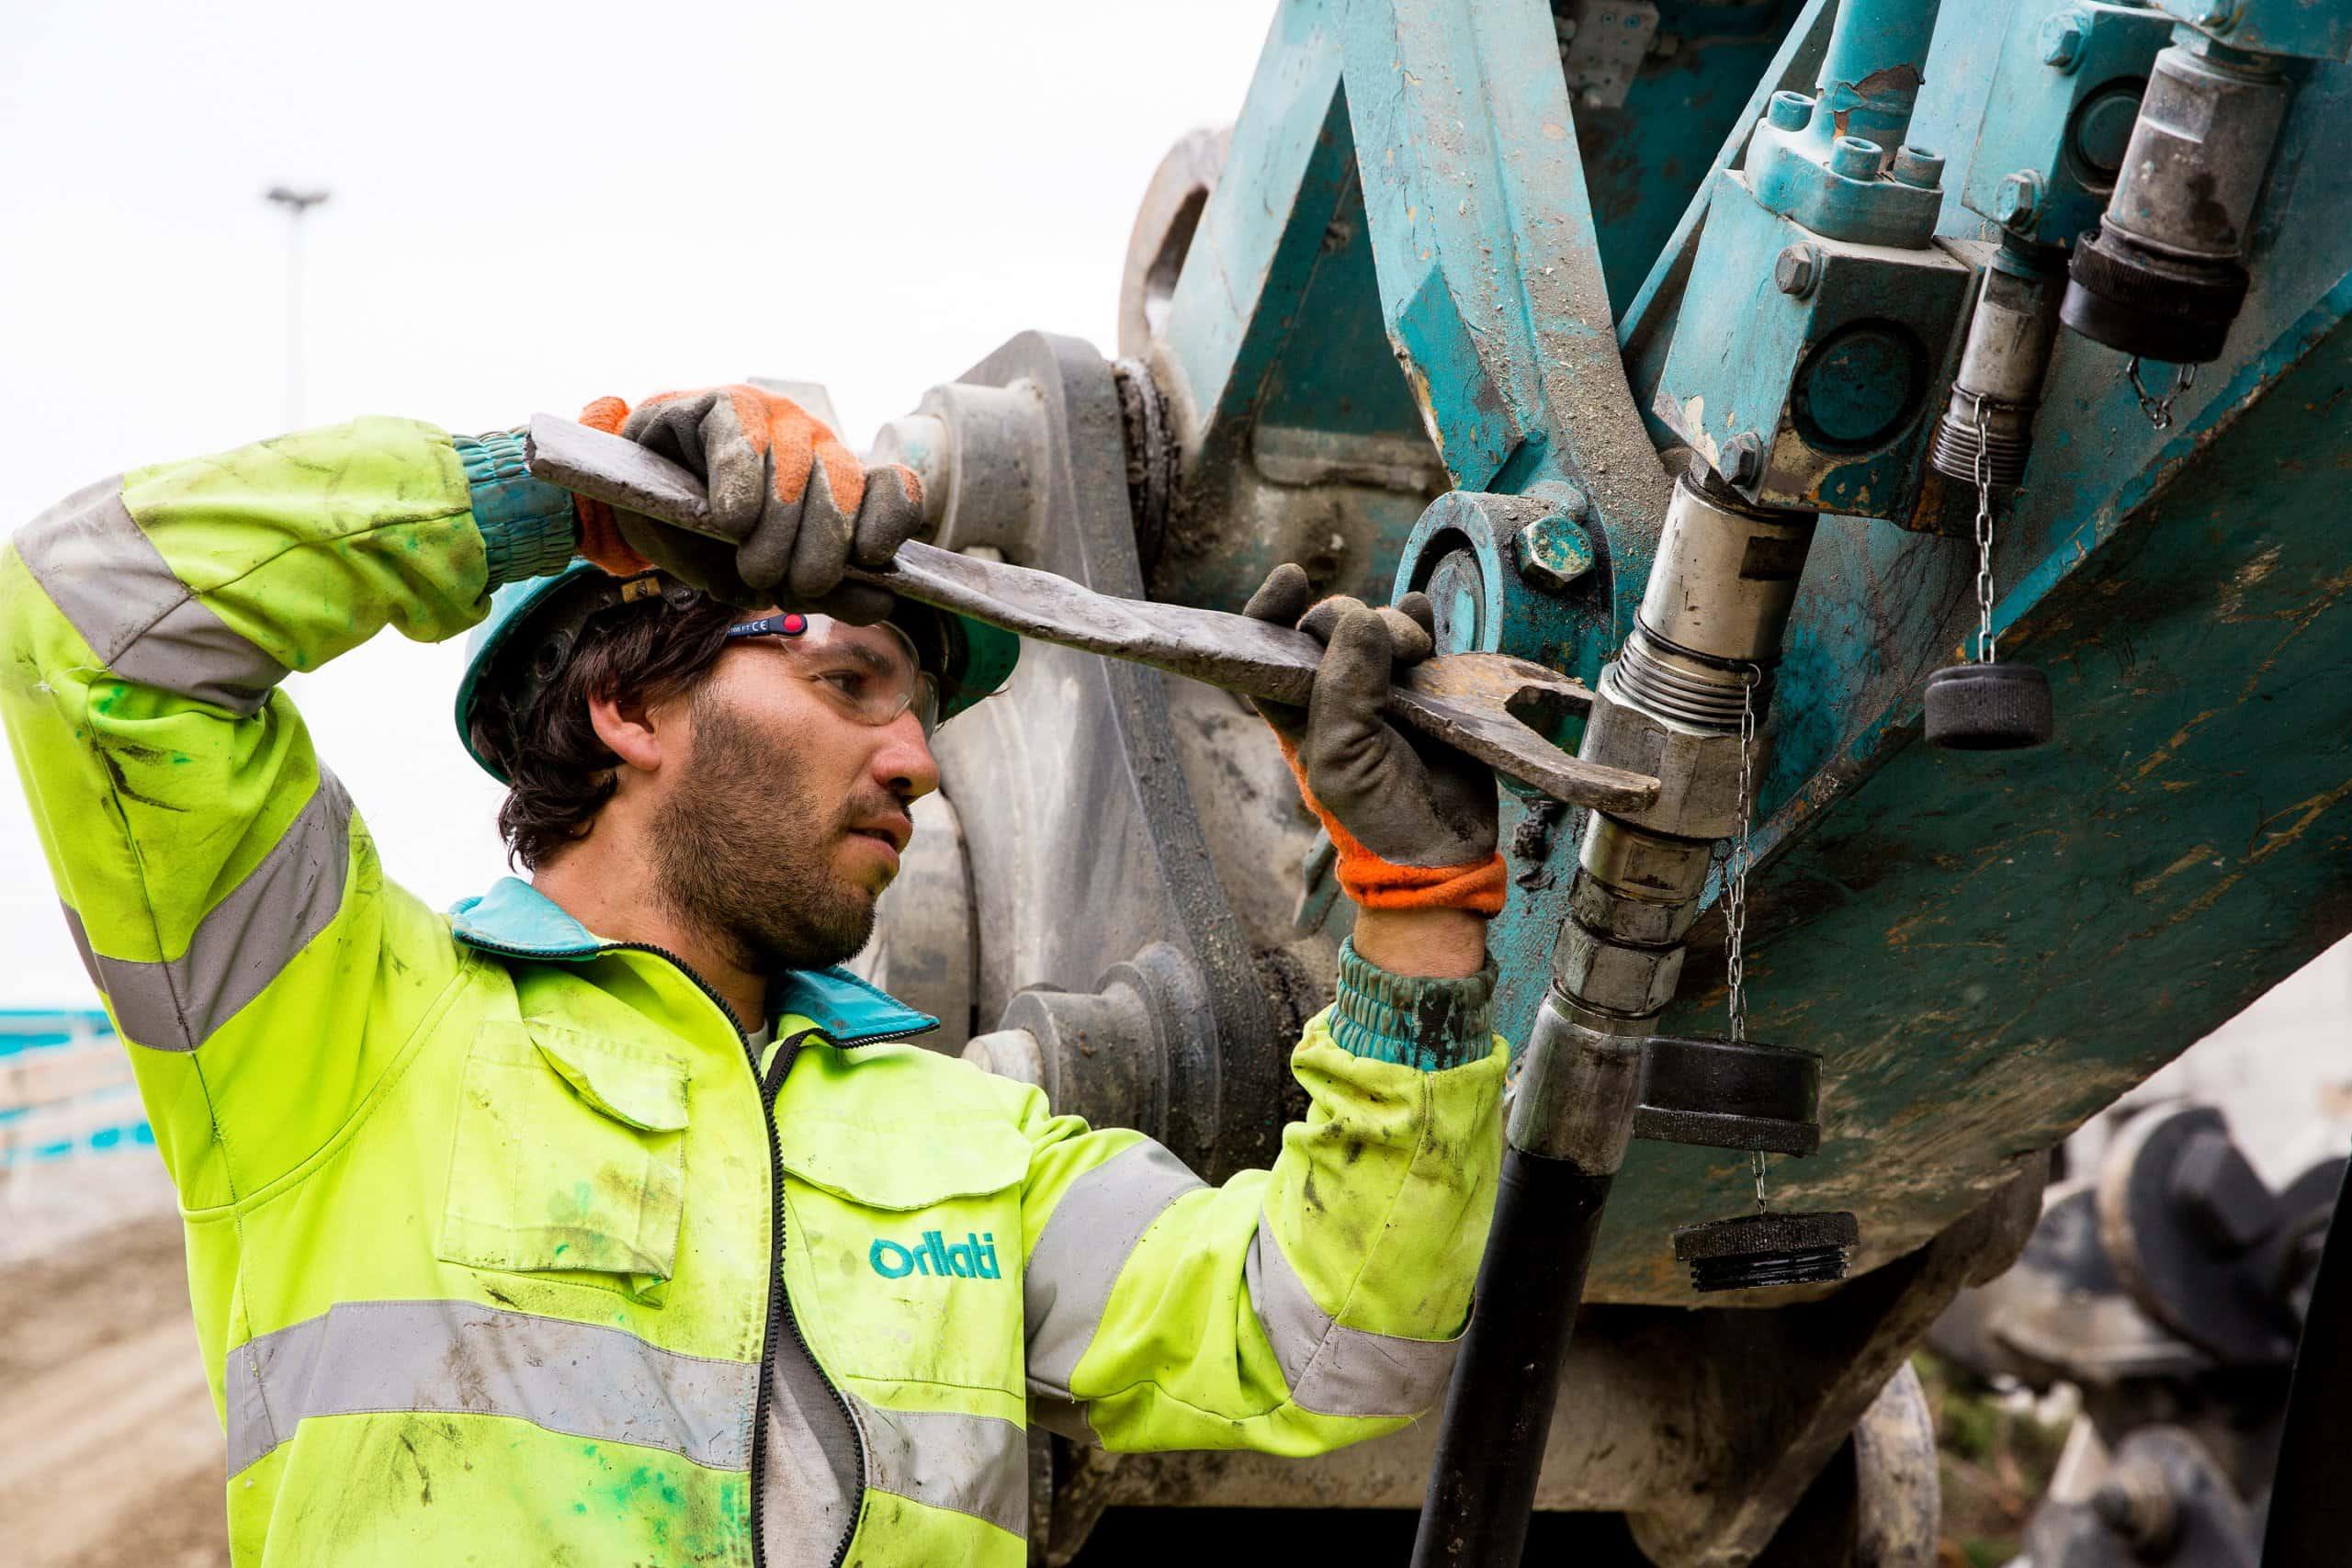 ouvrier en train d'actionner une clef à molette